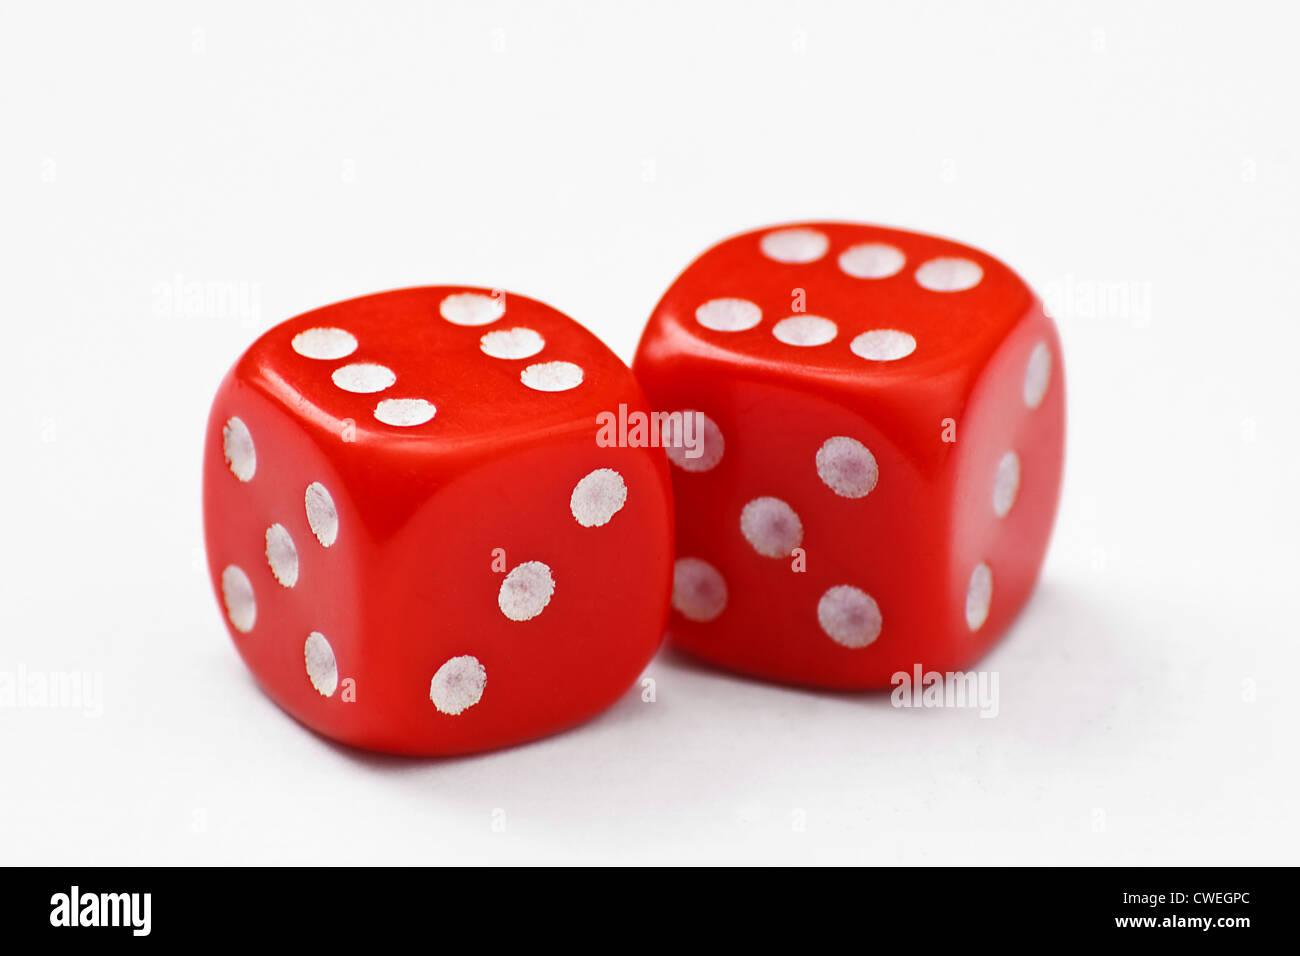 Coppia di dadi rossi generata per un doppio 6, isolato su sfondo bianco Immagini Stock